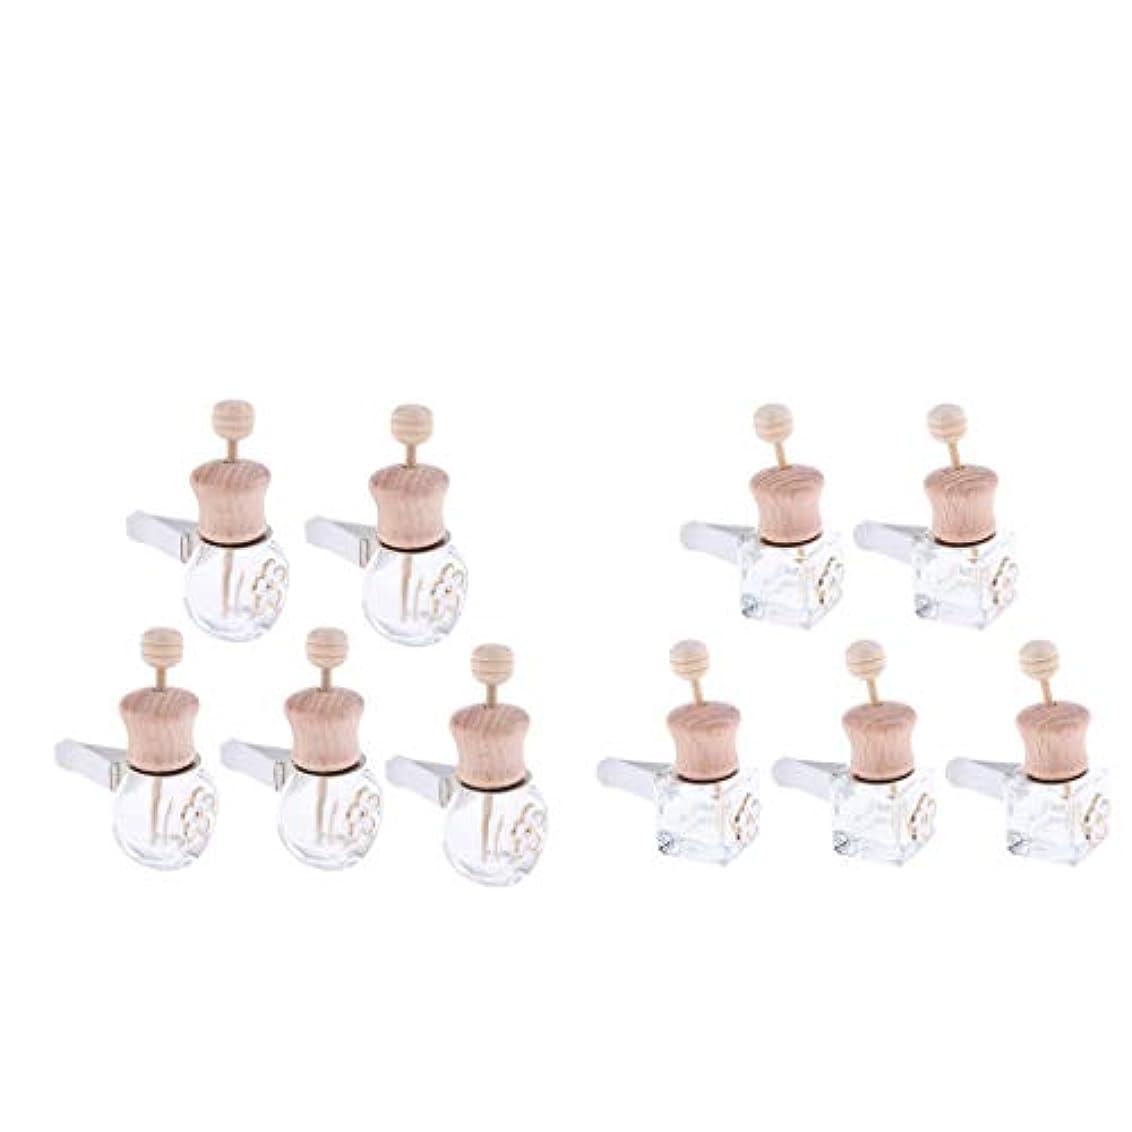 アデレードクックスピンSM SunniMix 車 香水ボトル 詰め替え式 ディフューザー 8ml+6ml 装飾 雰囲気 作り出す 10個入